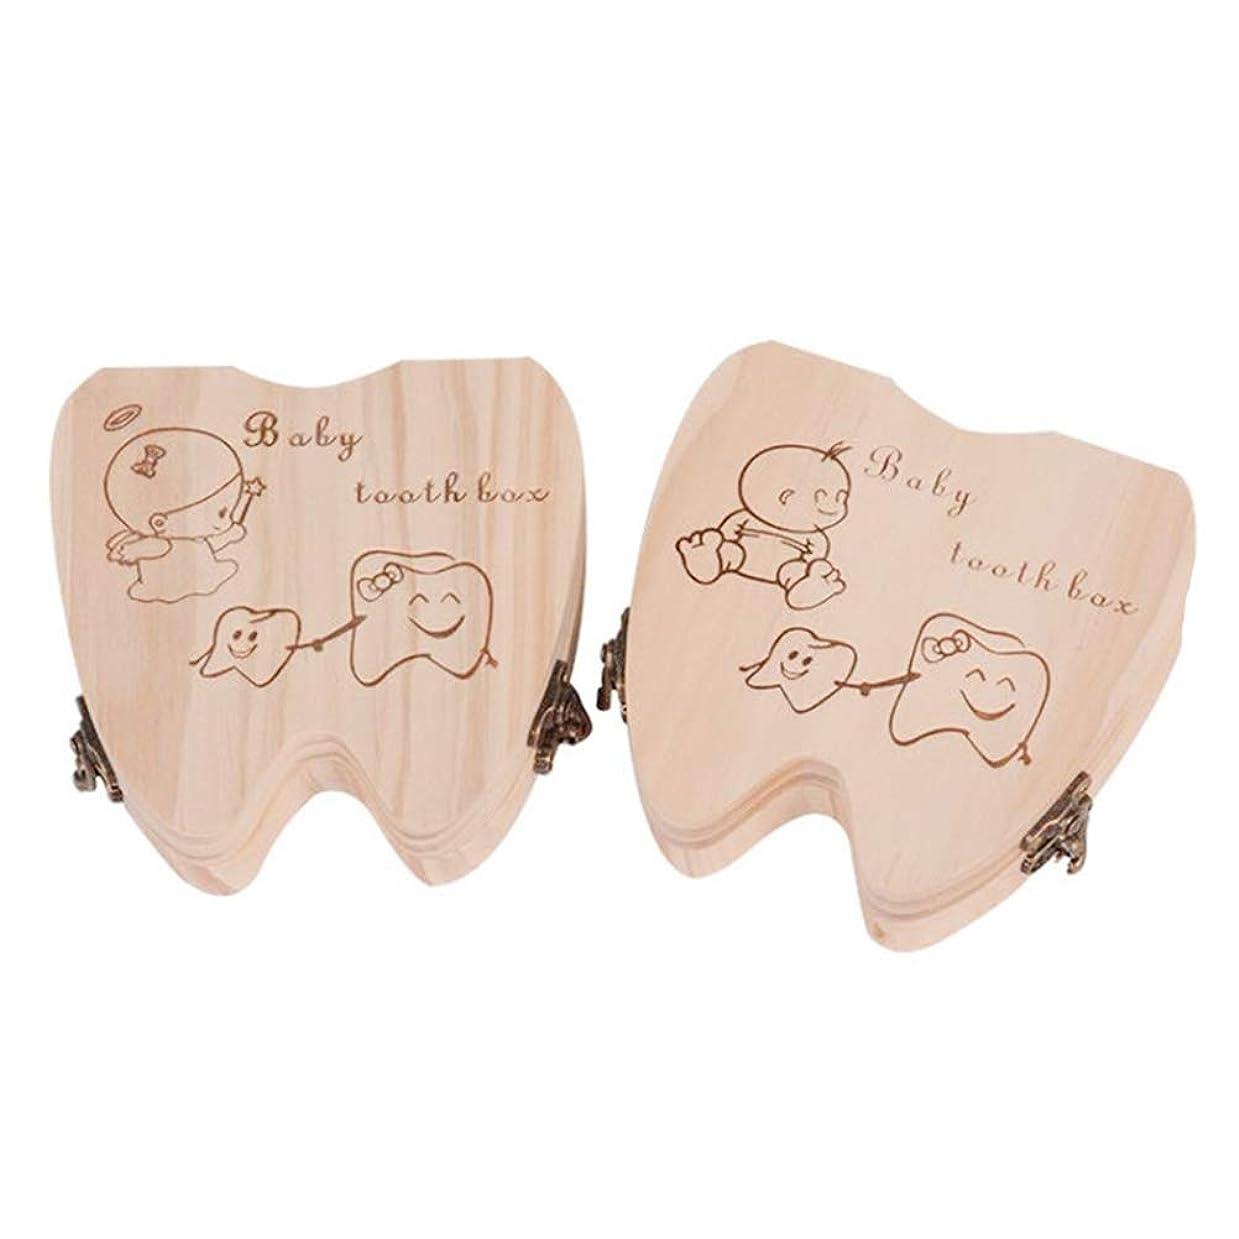 視聴者パラダイス修理可能Ourine ベビートゥースボックス 乳歯ケース 乳歯ボックス 乳歯保管ケース 乳歯入れ 木製 名前/抜けた日入れ かわいい 抜けた歯 赤ちゃん用 男の子 女の子 子供 出産祝い 入園祝い プレゼント (A)